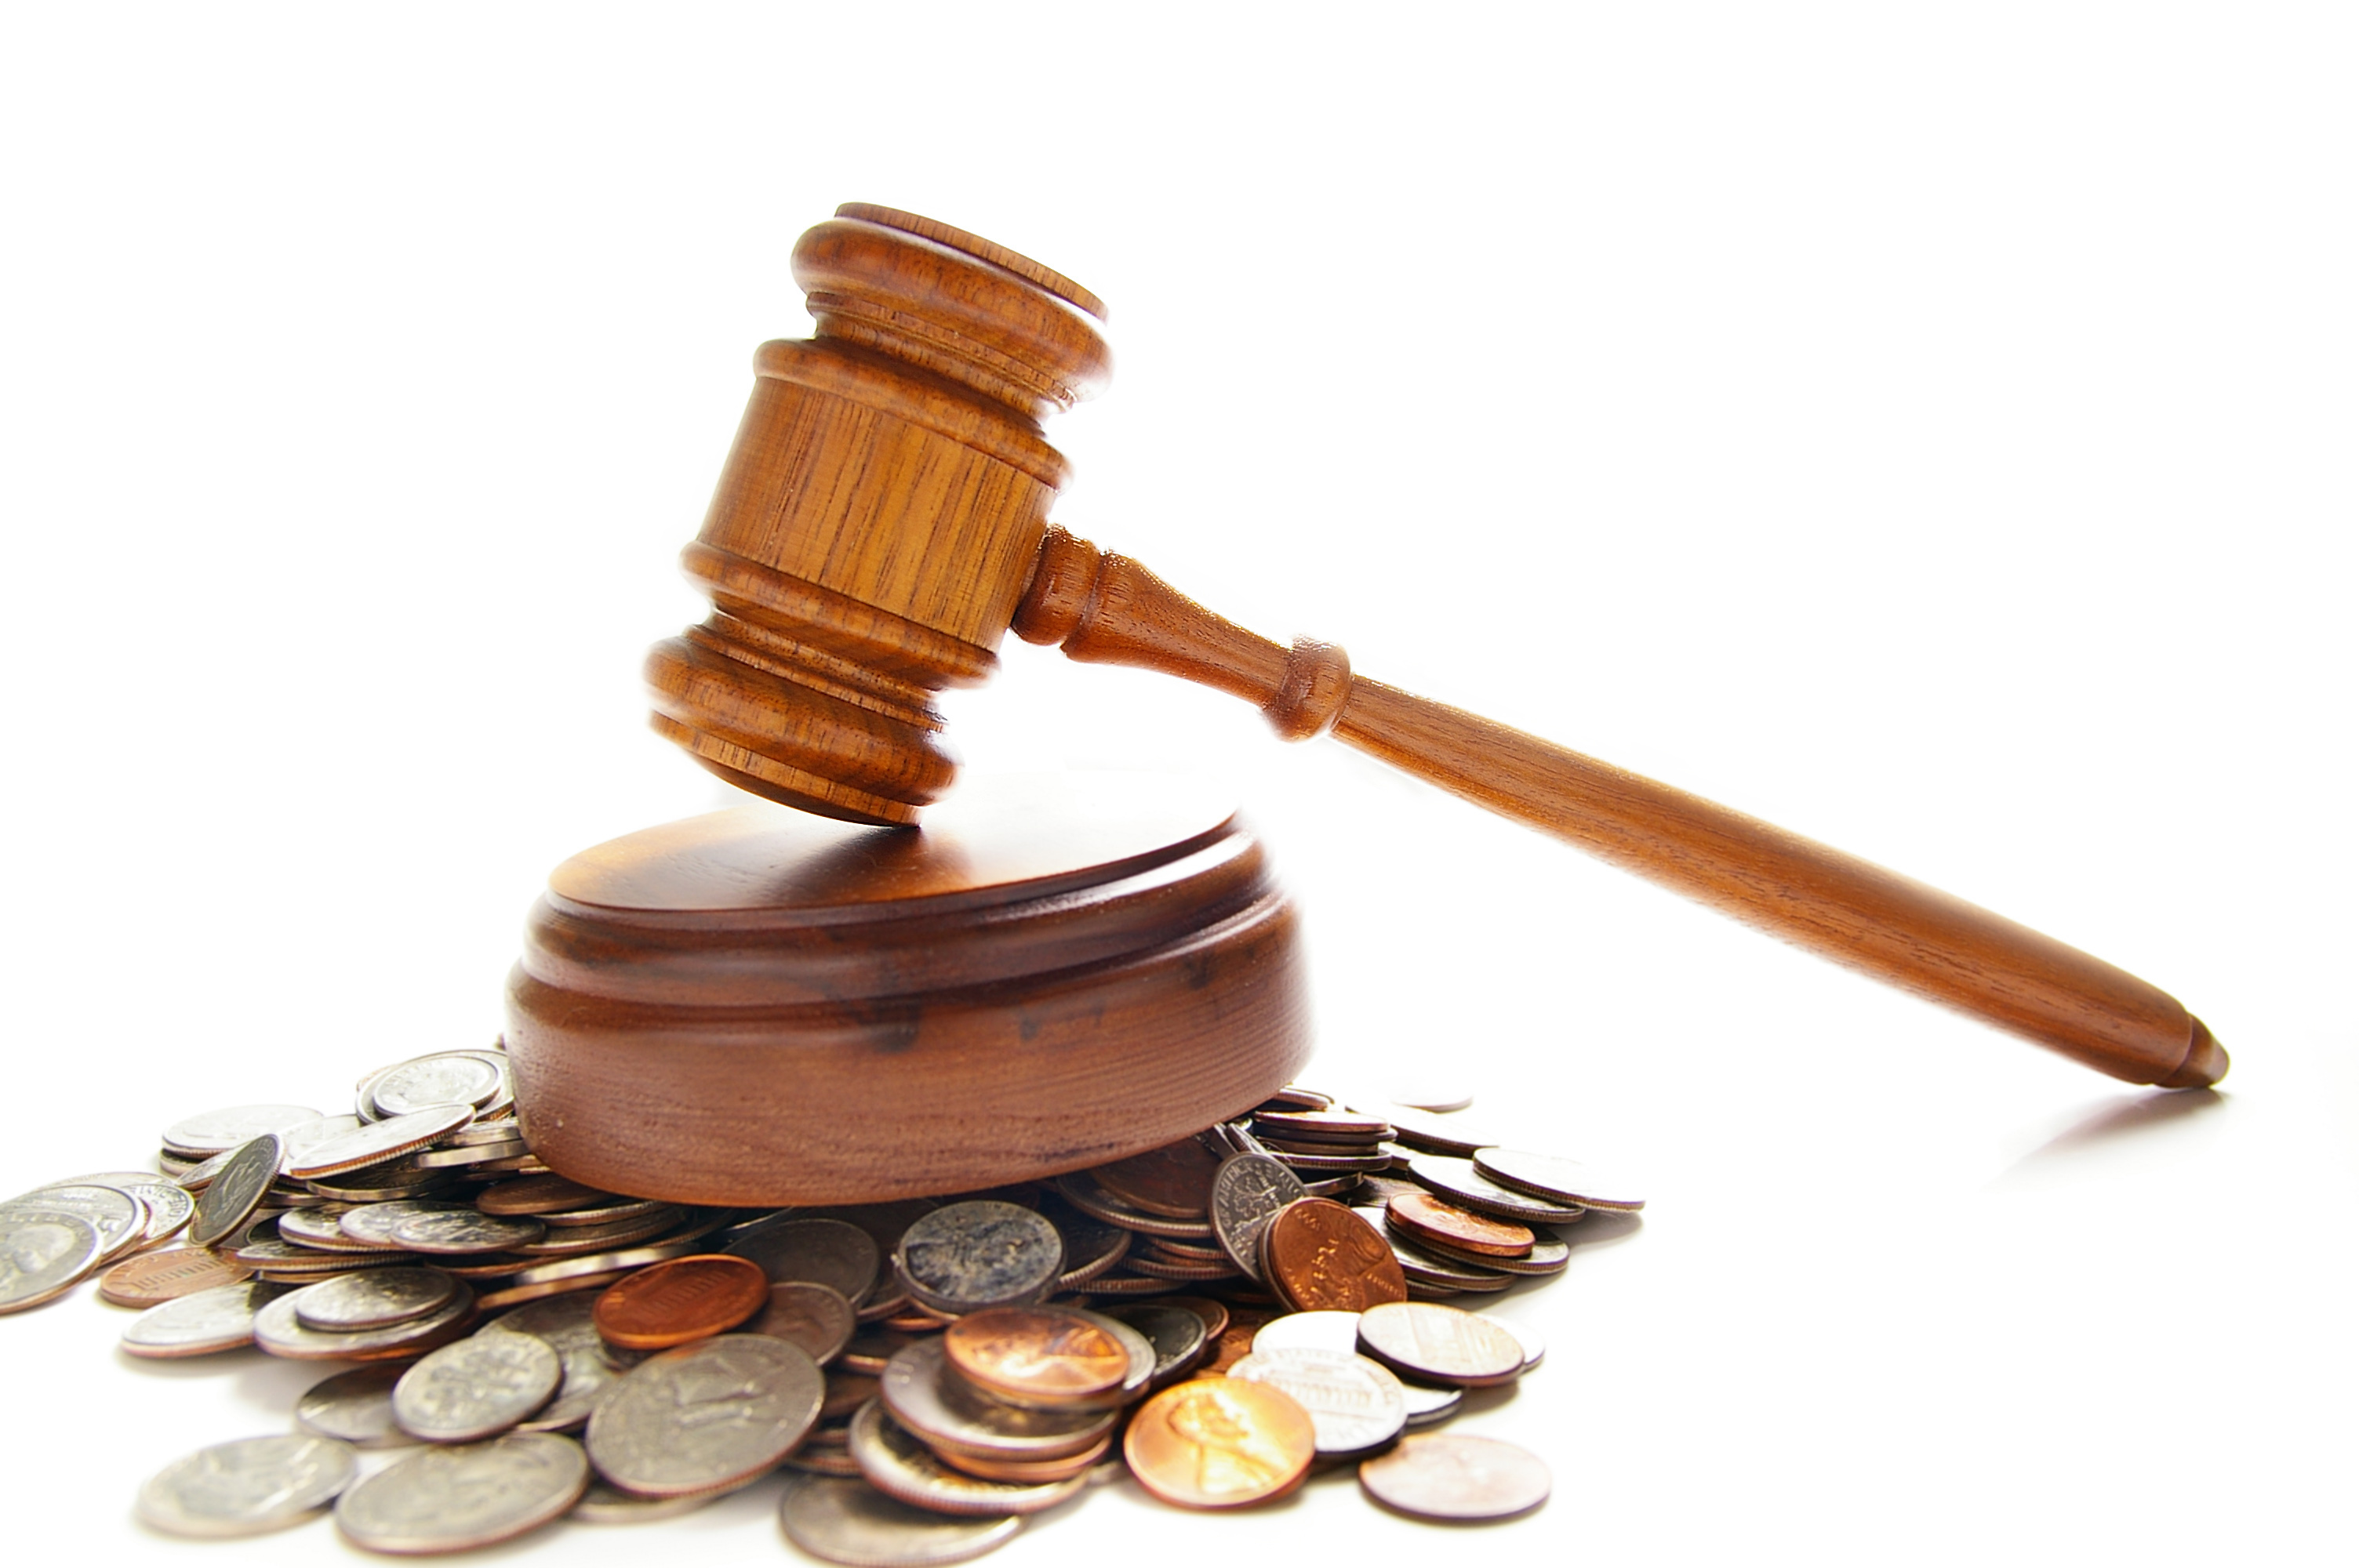 Δεν υπάρχει σωτηρία!! Εξωδικαστικός συμβιβασμός χρεών που οδηγεί στα δικαστήρια…